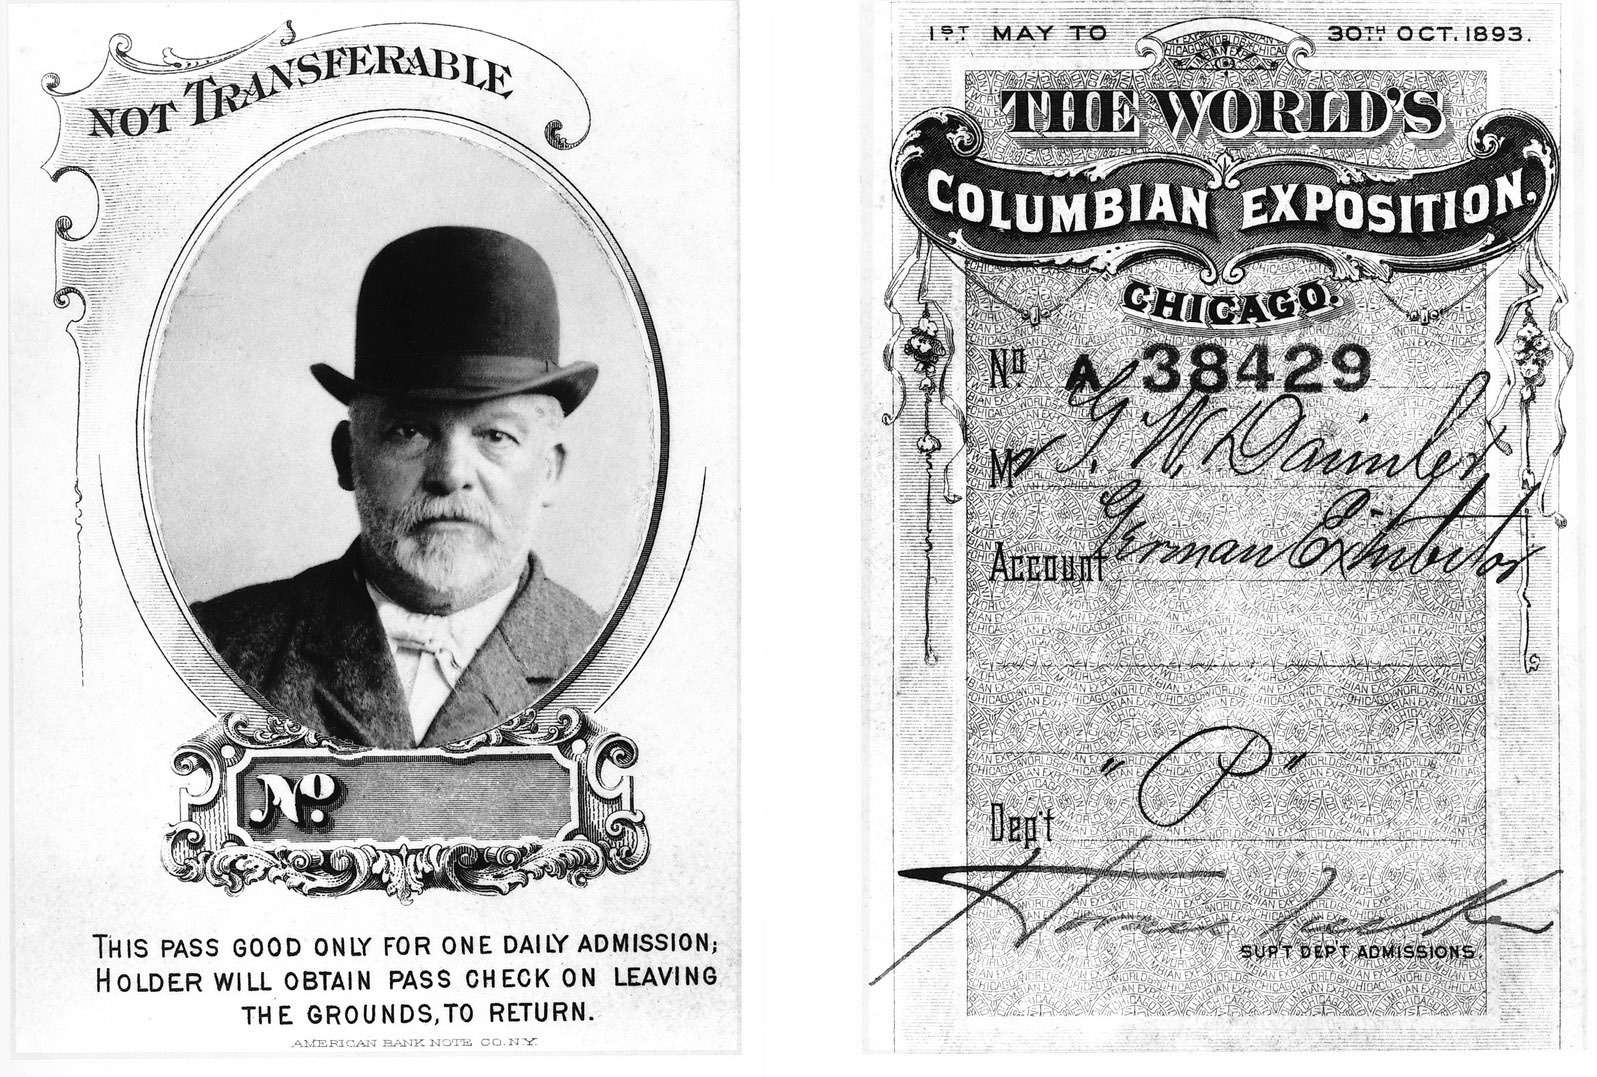 Ещеодин пропуск, наэтот раз выписанный Готлибу Даймлеру дляпосещения Чикагской всемирной выставки 1893 года.